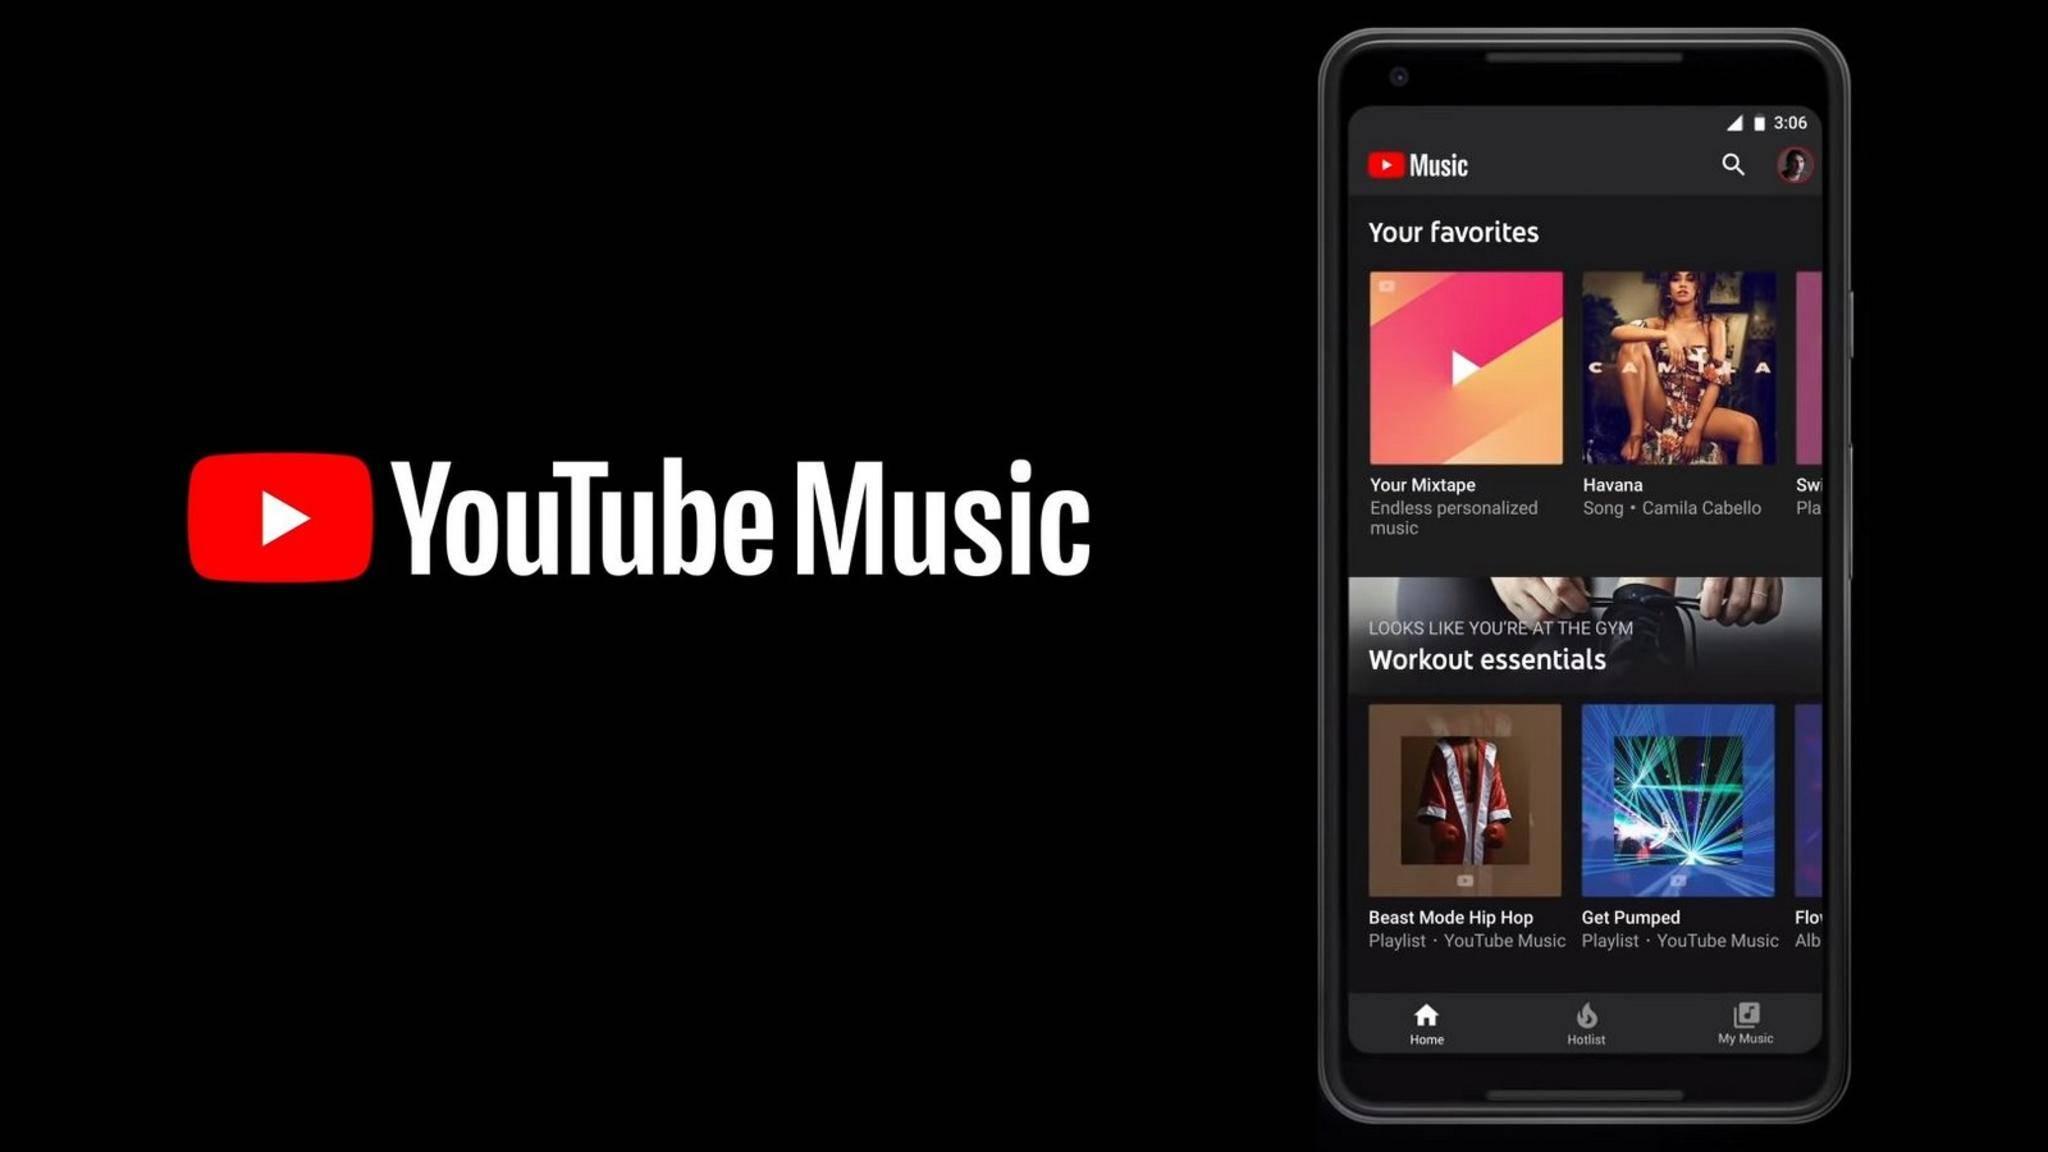 Ein Abo für YouTube Music sollte man besser nicht auf dem iPhone abschließen.